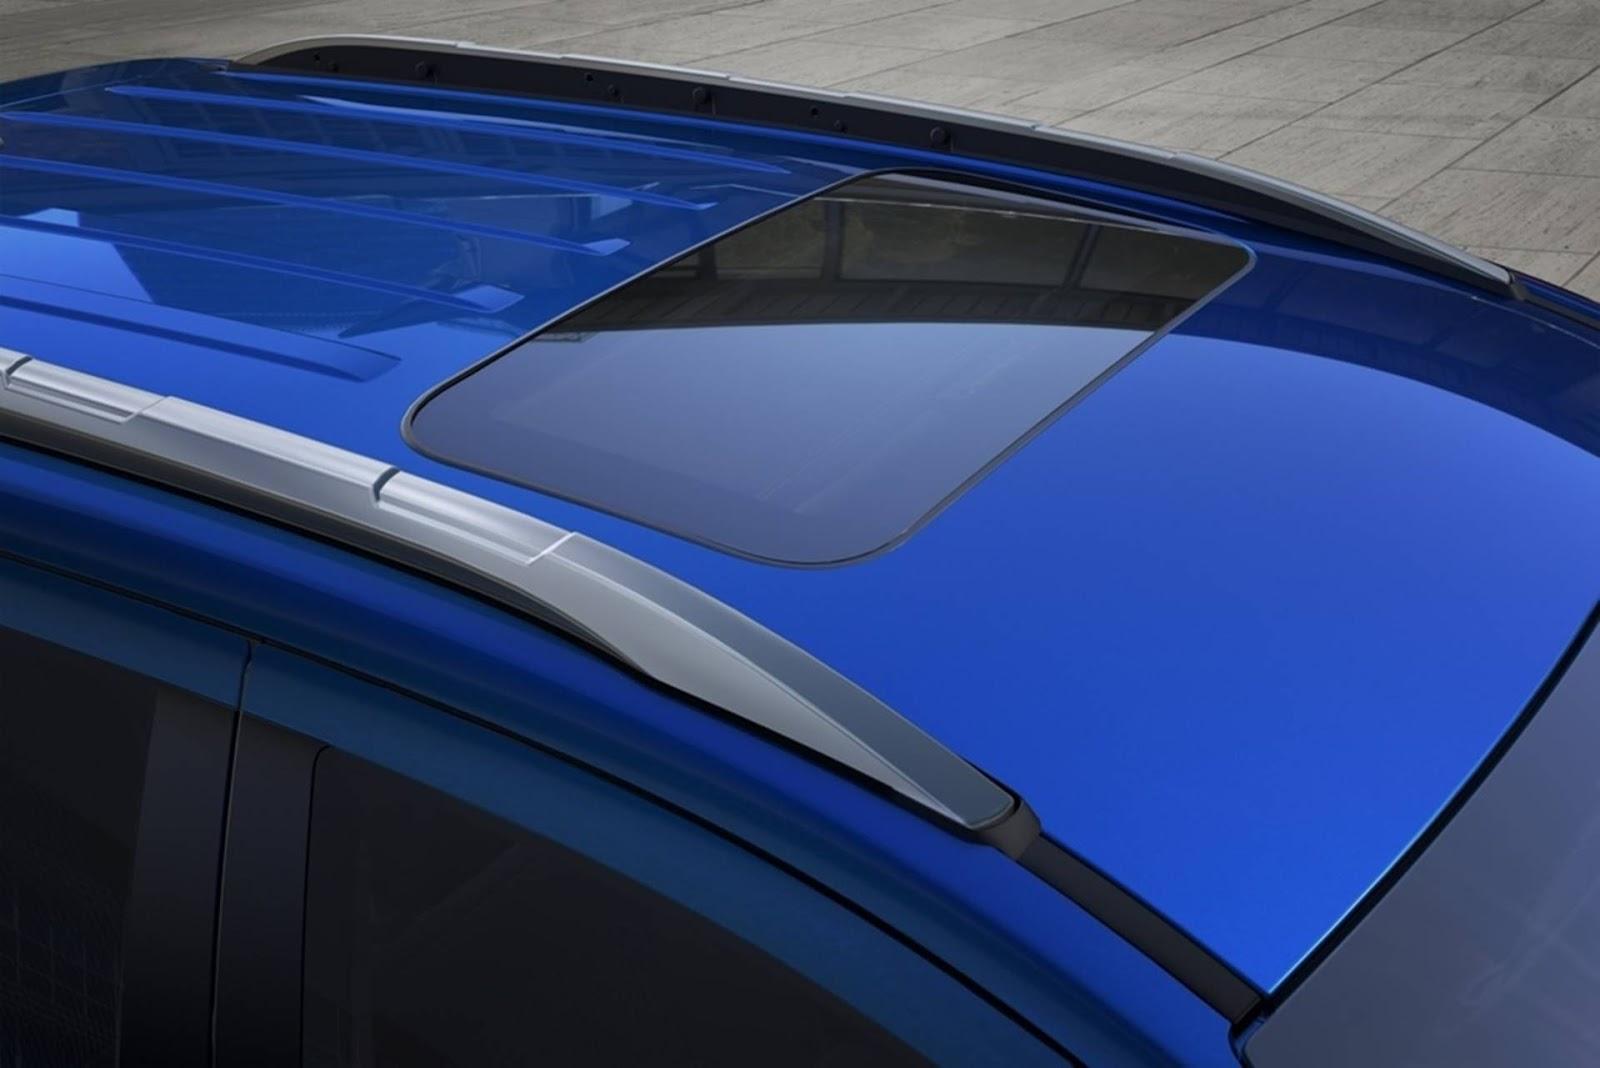 novo ford ecosport 2018 titanium fotos e detalhes oficiais car blog br. Black Bedroom Furniture Sets. Home Design Ideas